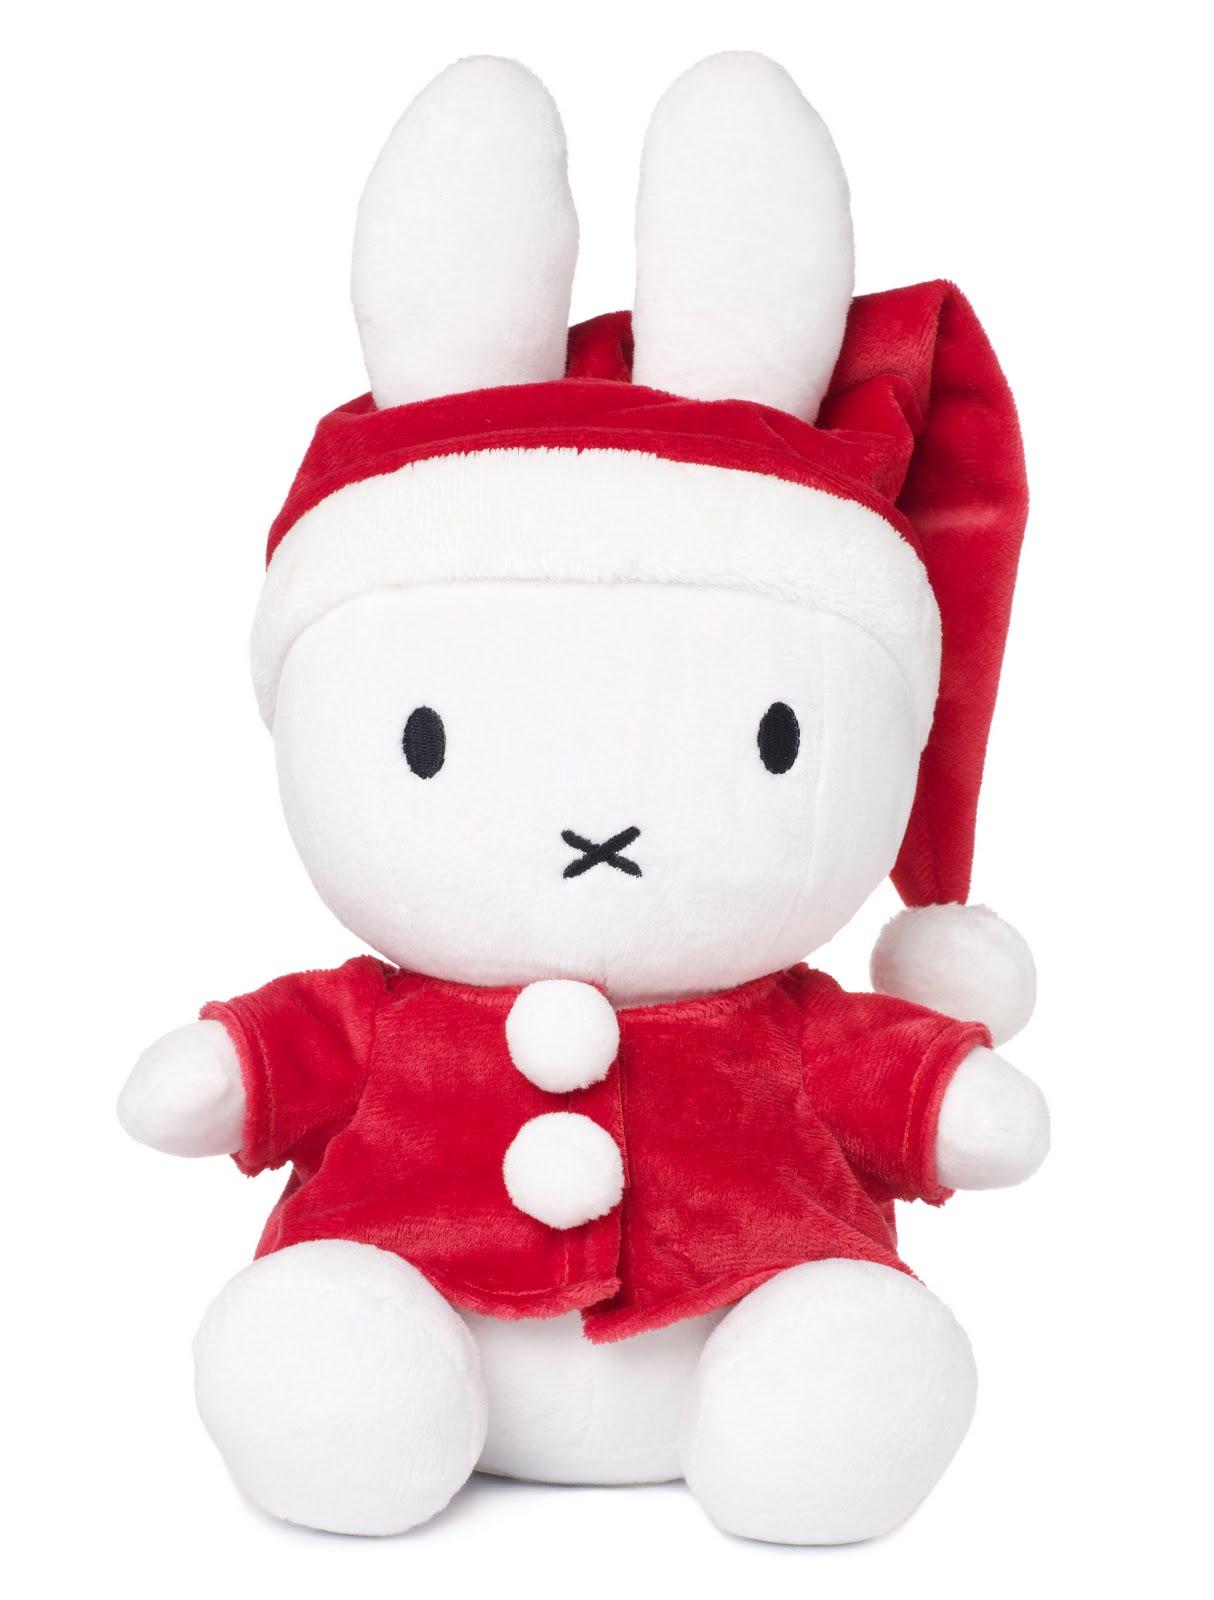 http://4.bp.blogspot.com/_w7aATNSVWG4/TO2HXc3vG1I/AAAAAAAAAhg/cvJE9RzmueM/s1600/Christmas%2BMiffy.jpg